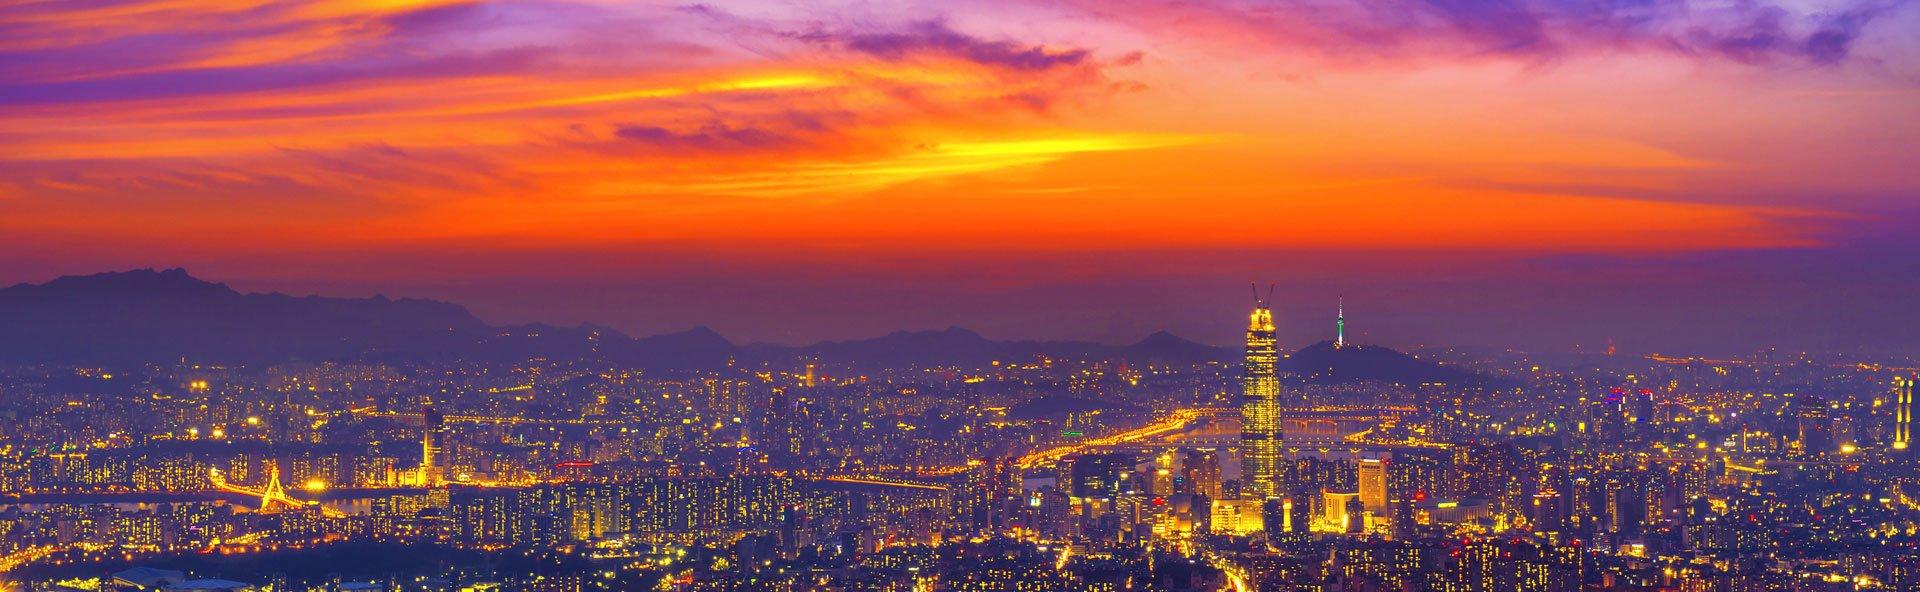 Beautiful Seoul City at Night